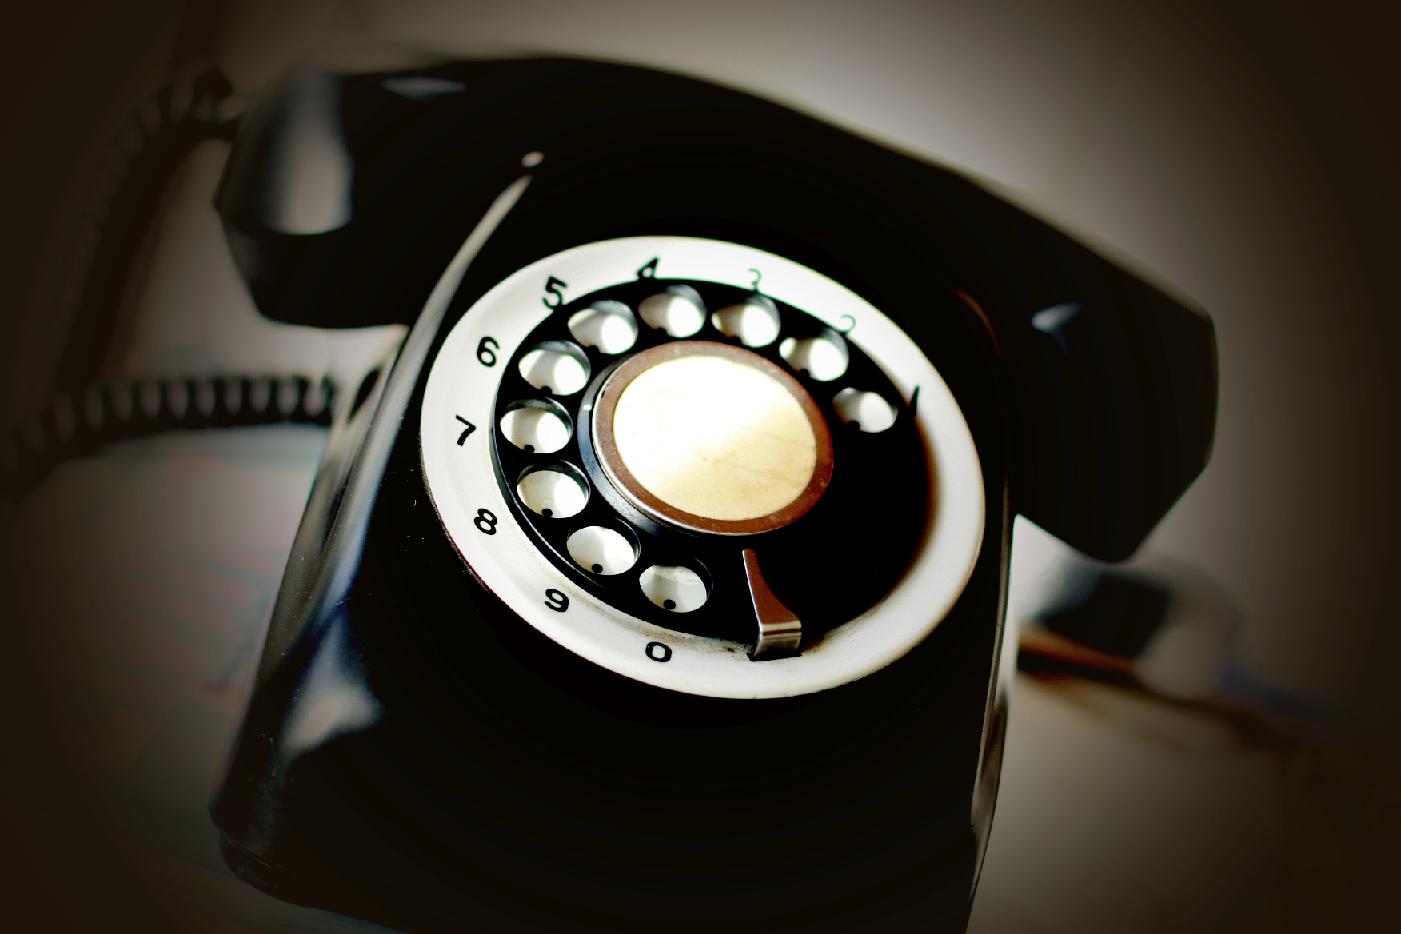 Telefono di vecchia generazione